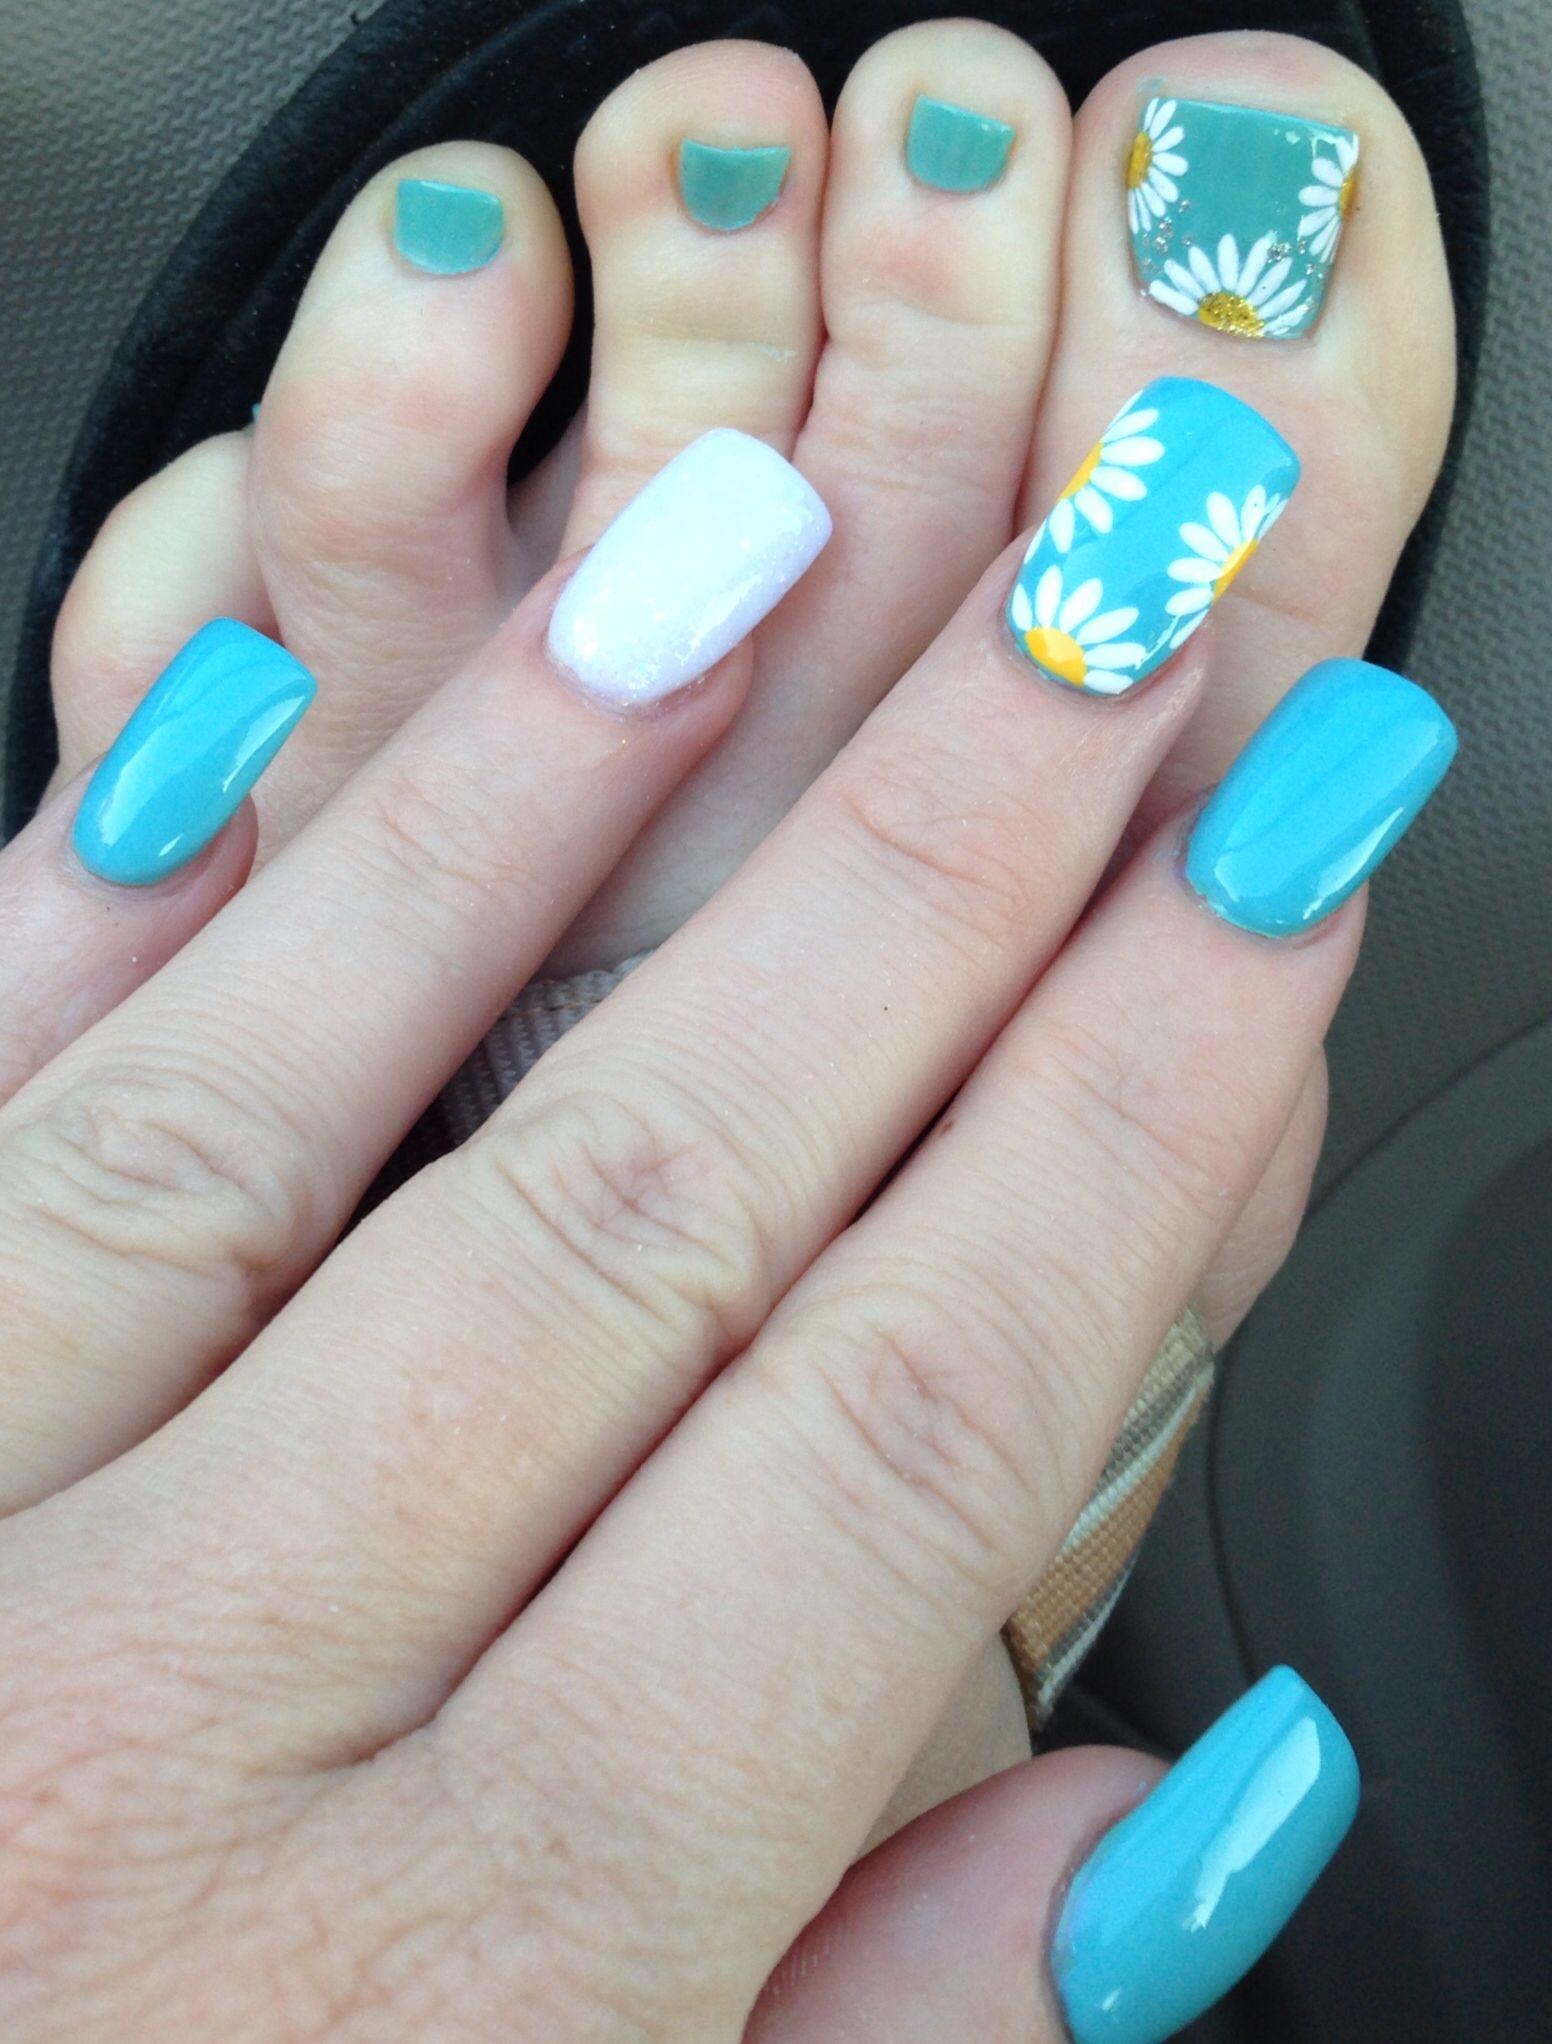 My Spring Nails 2014 #daisy   Nails   Pinterest   Spring nails 2014 ...